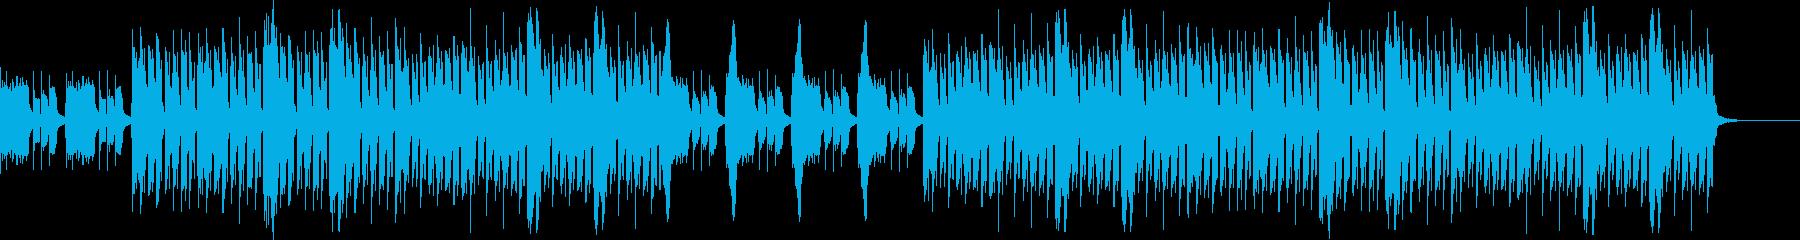 おしゃれ・ロカビリー・EDM・空気感の再生済みの波形